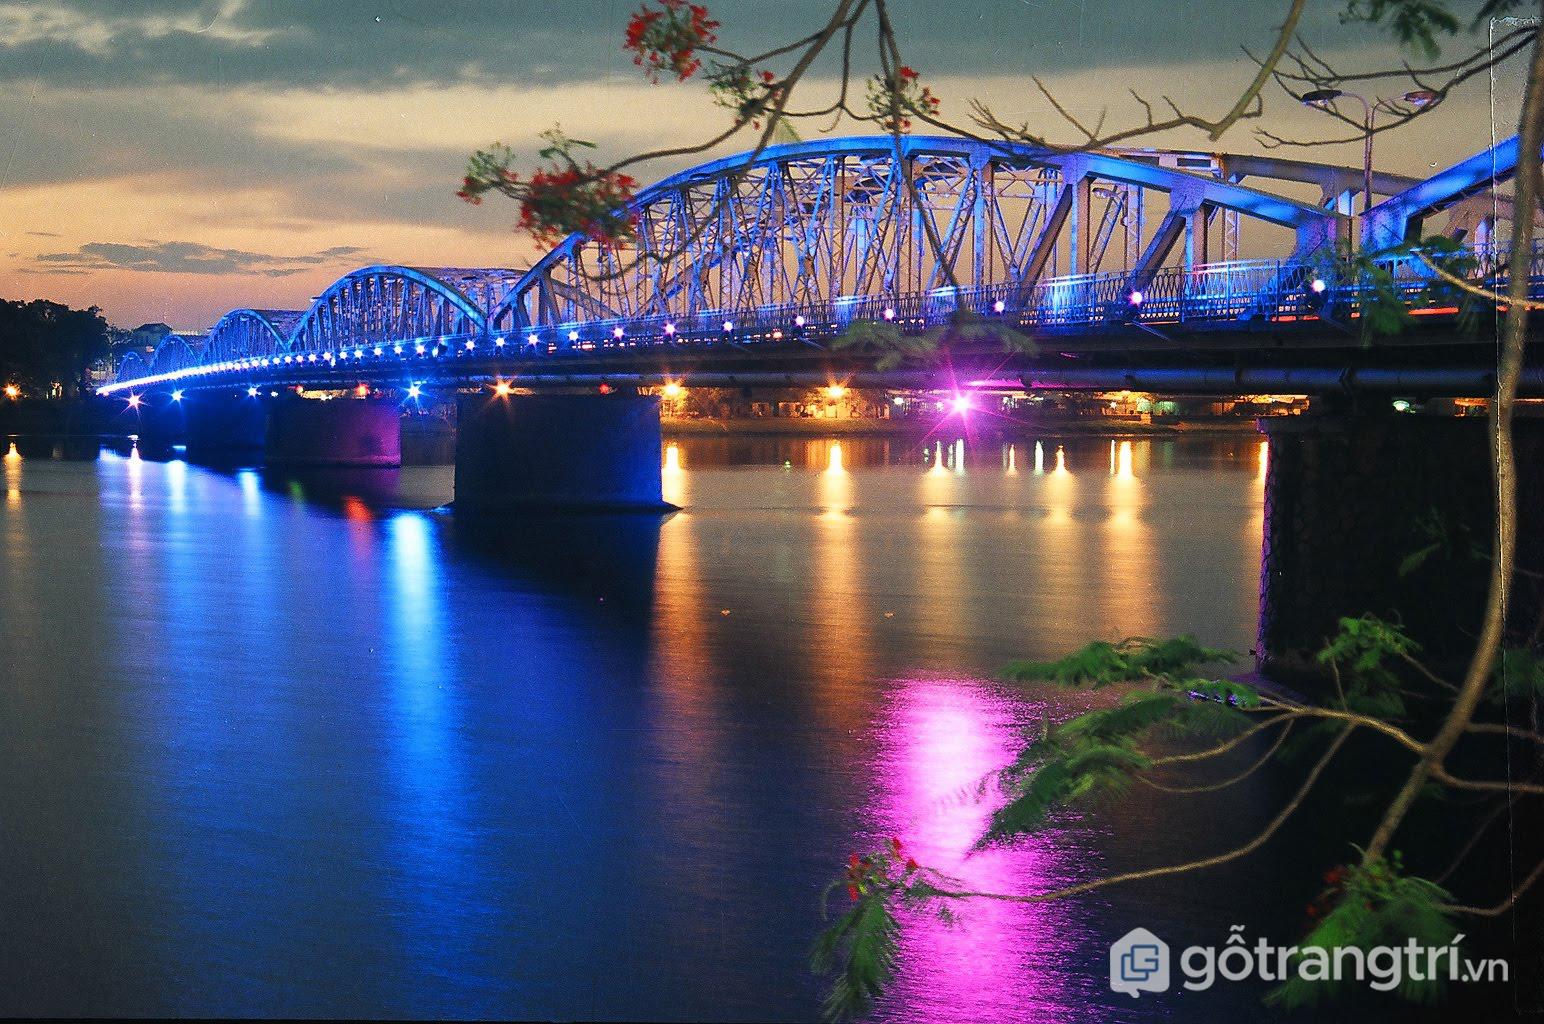 Cầu Tràng Tiền trải qua nhiều giai đoạn thăng trầm của lịch sử (Ảnh internet)